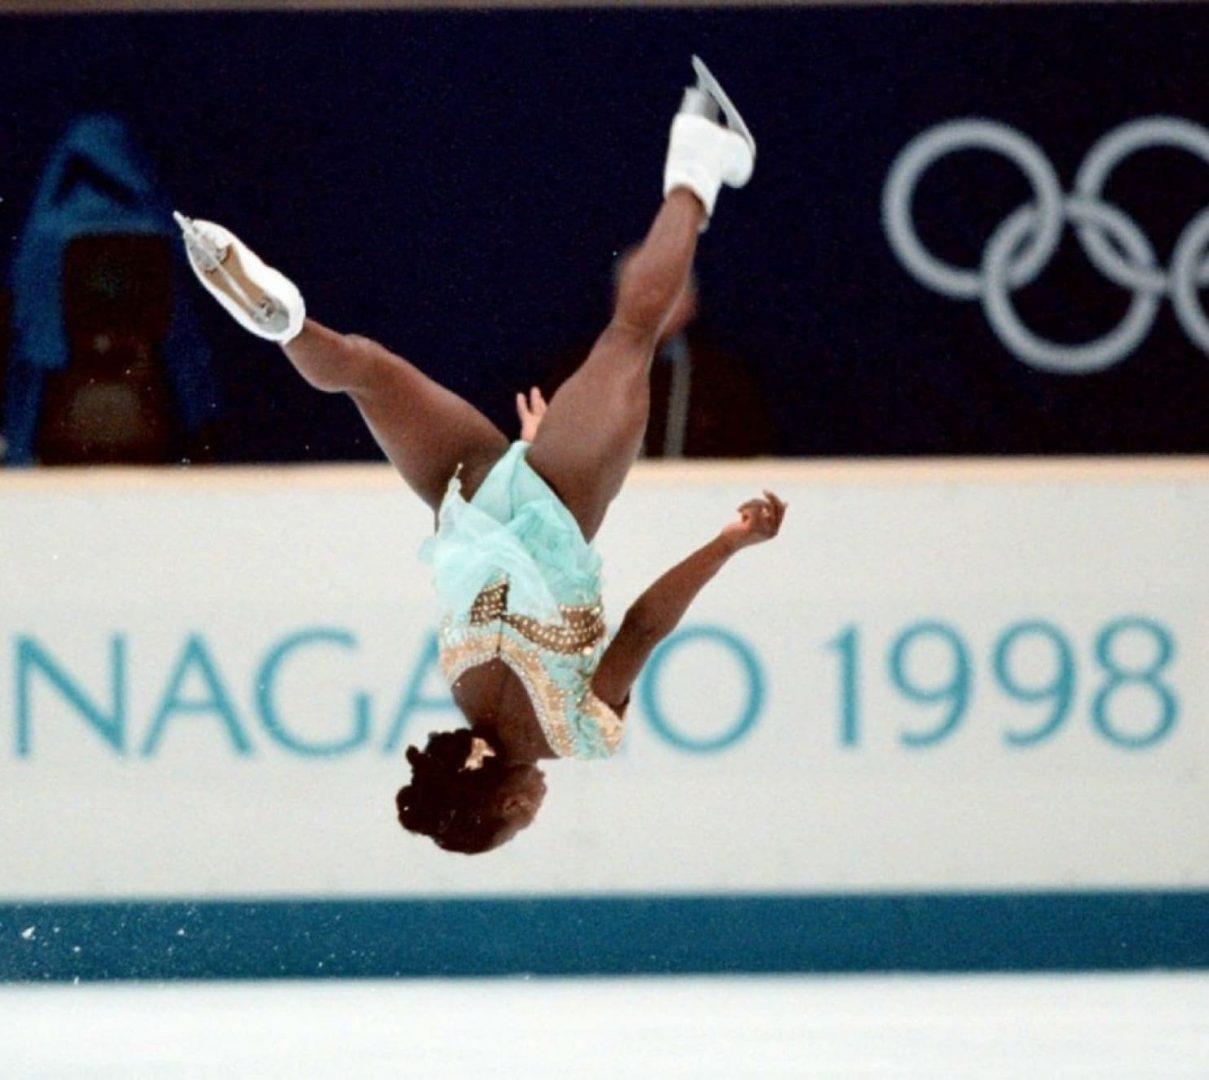 Surya Bonaly's backflip at the 1998 Nagano Games